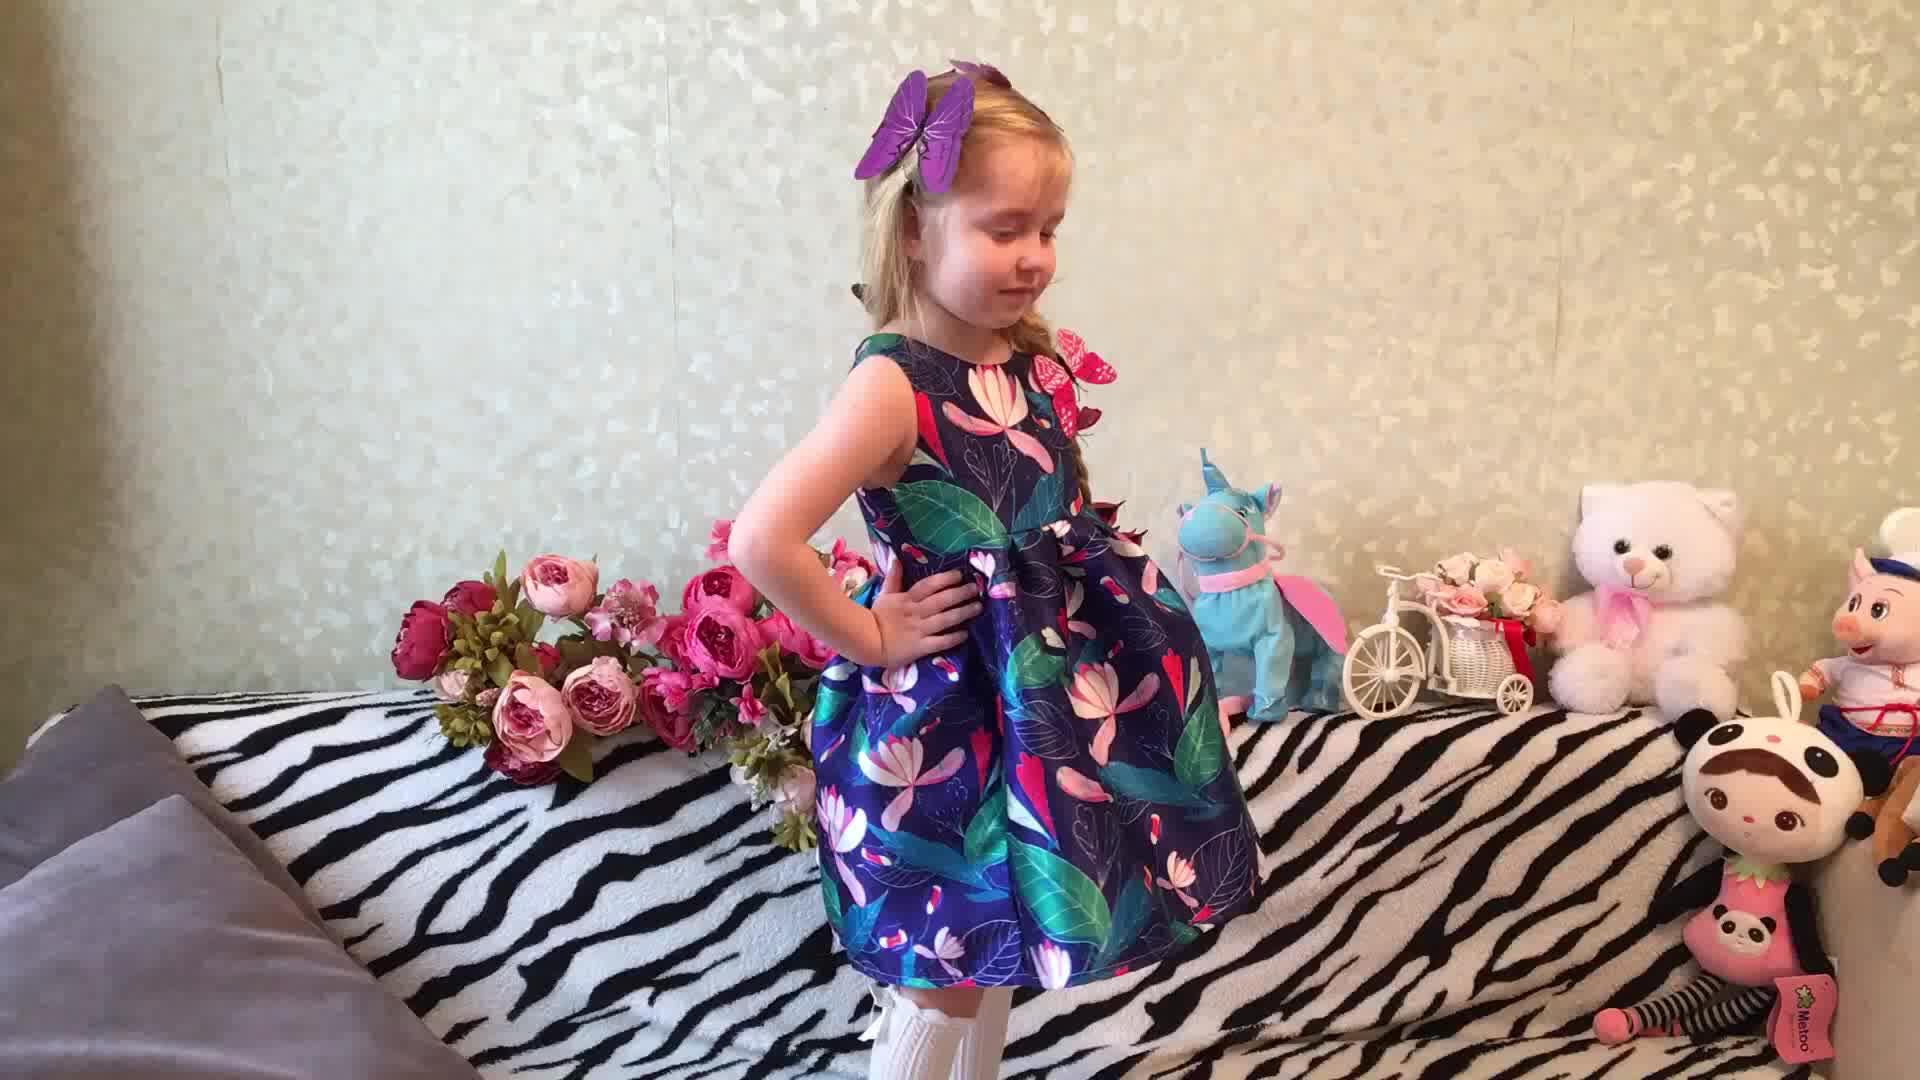 Kseniya เด็ก Lotus พิมพ์ชุดเจ้าหญิงสาวฤดูร้อนสาวแขนกุดชุดลำลอง Plus ขนาด